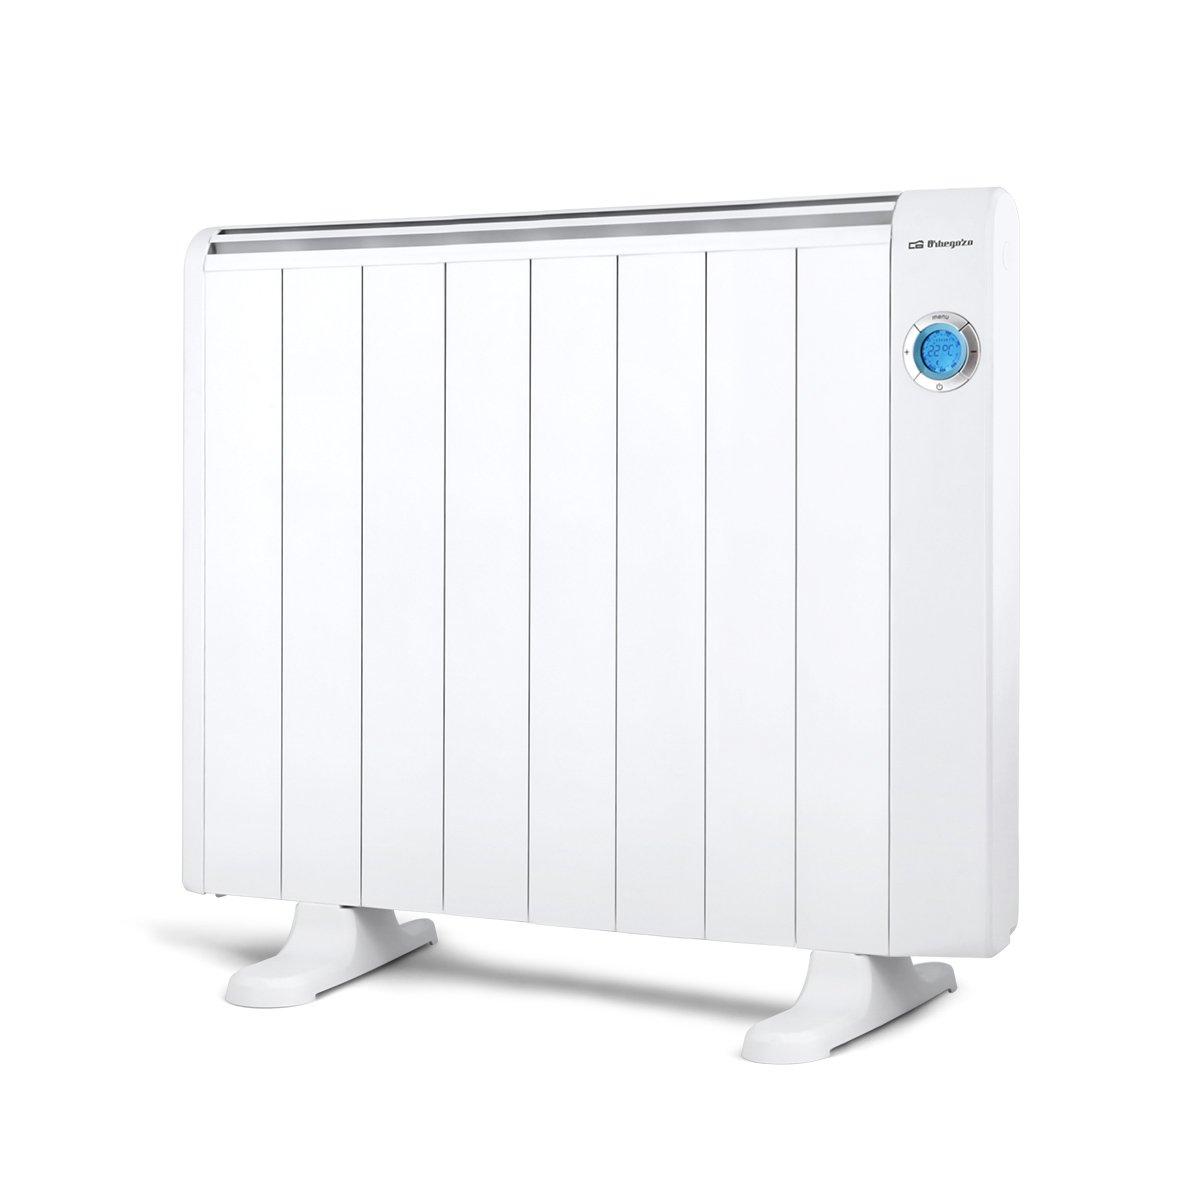 Orbegozo RRE 1510 - Emisor térmico bajo consumo, 1500 W de potencia, 8 elementos